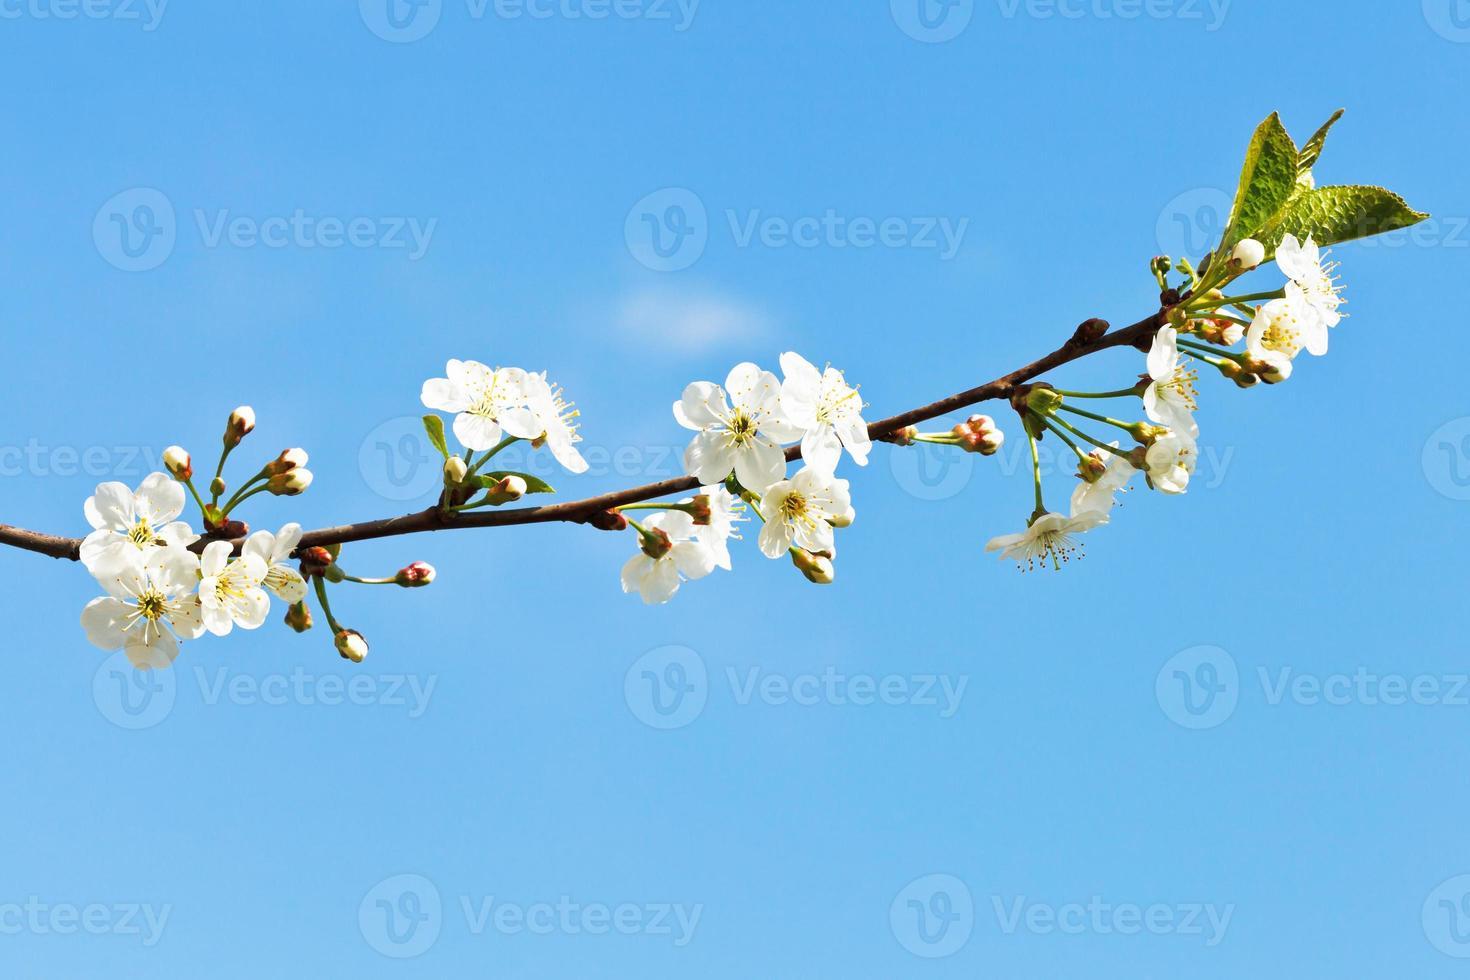 takje kersenbloesem op blauwe hemel foto